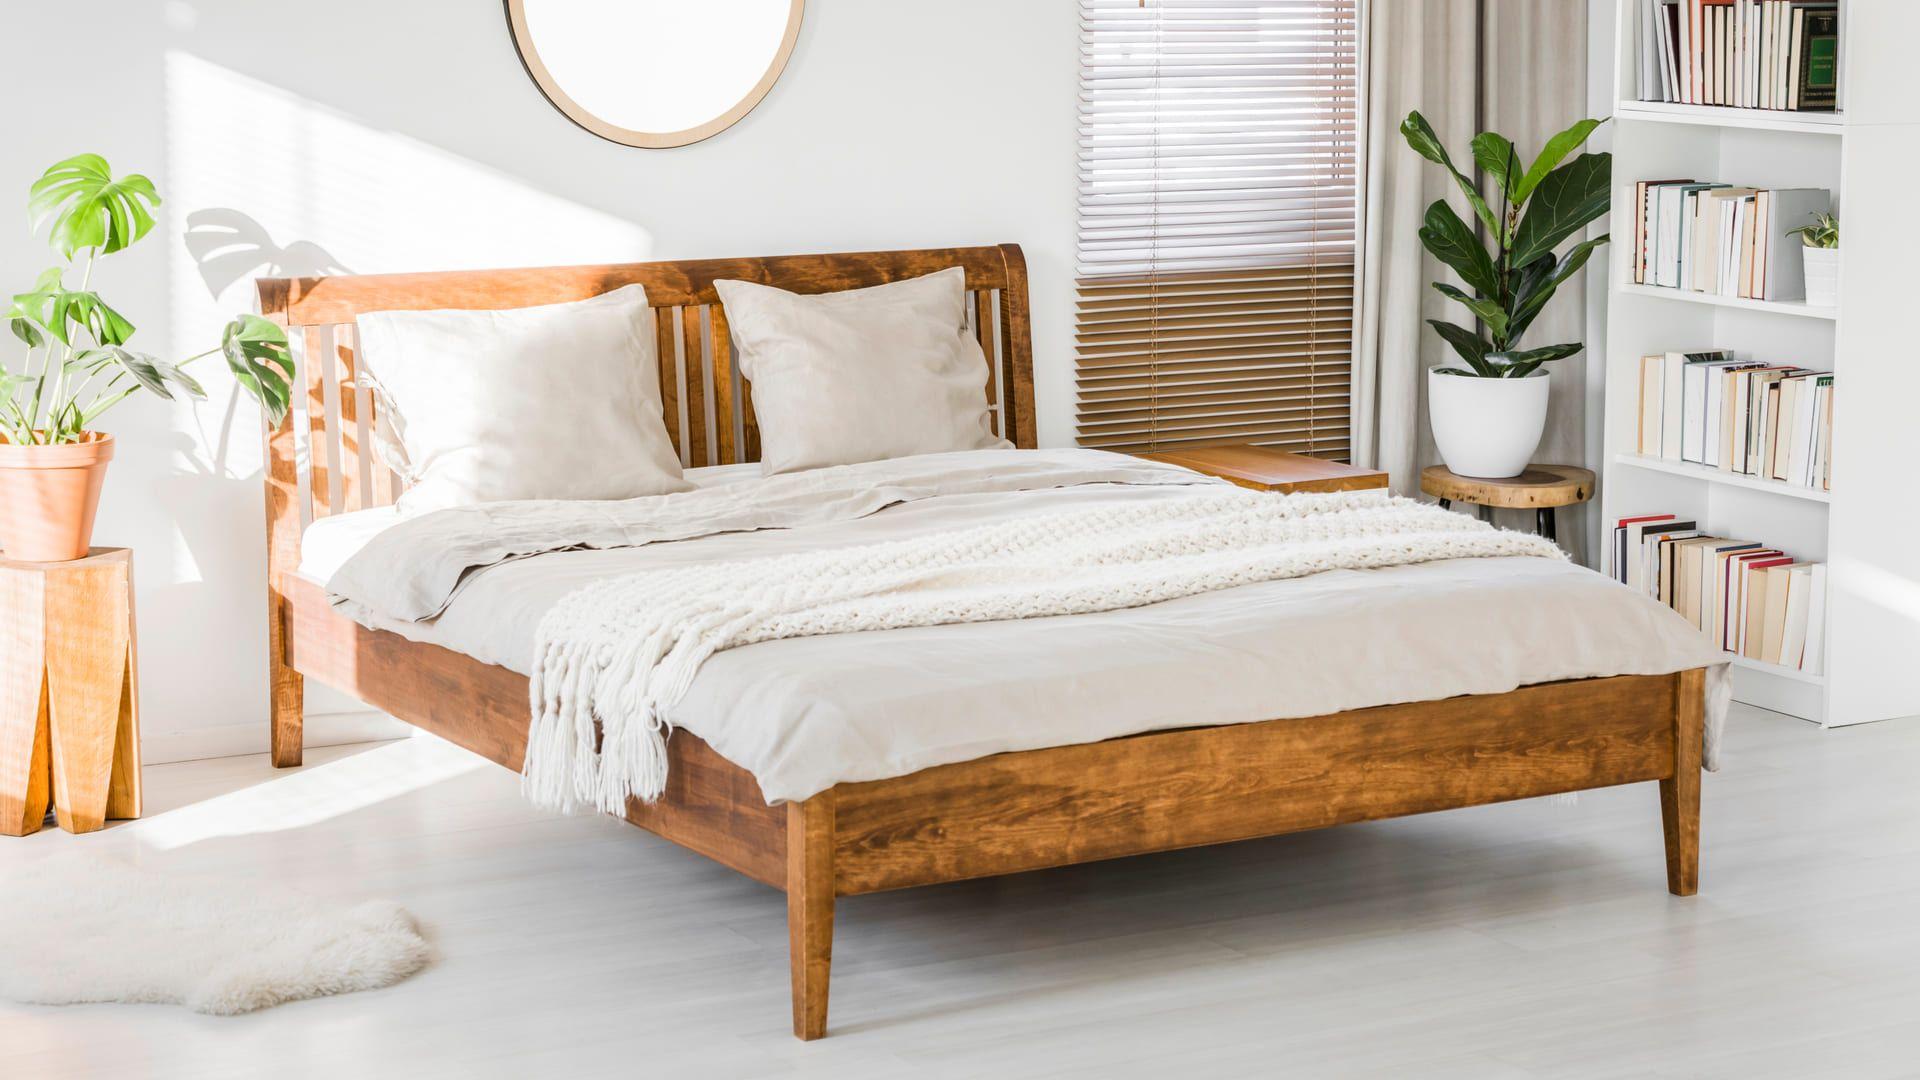 A cama com estrado de madeira é a mais tradicional. (Imagem: Reprodução/Shutterstock)